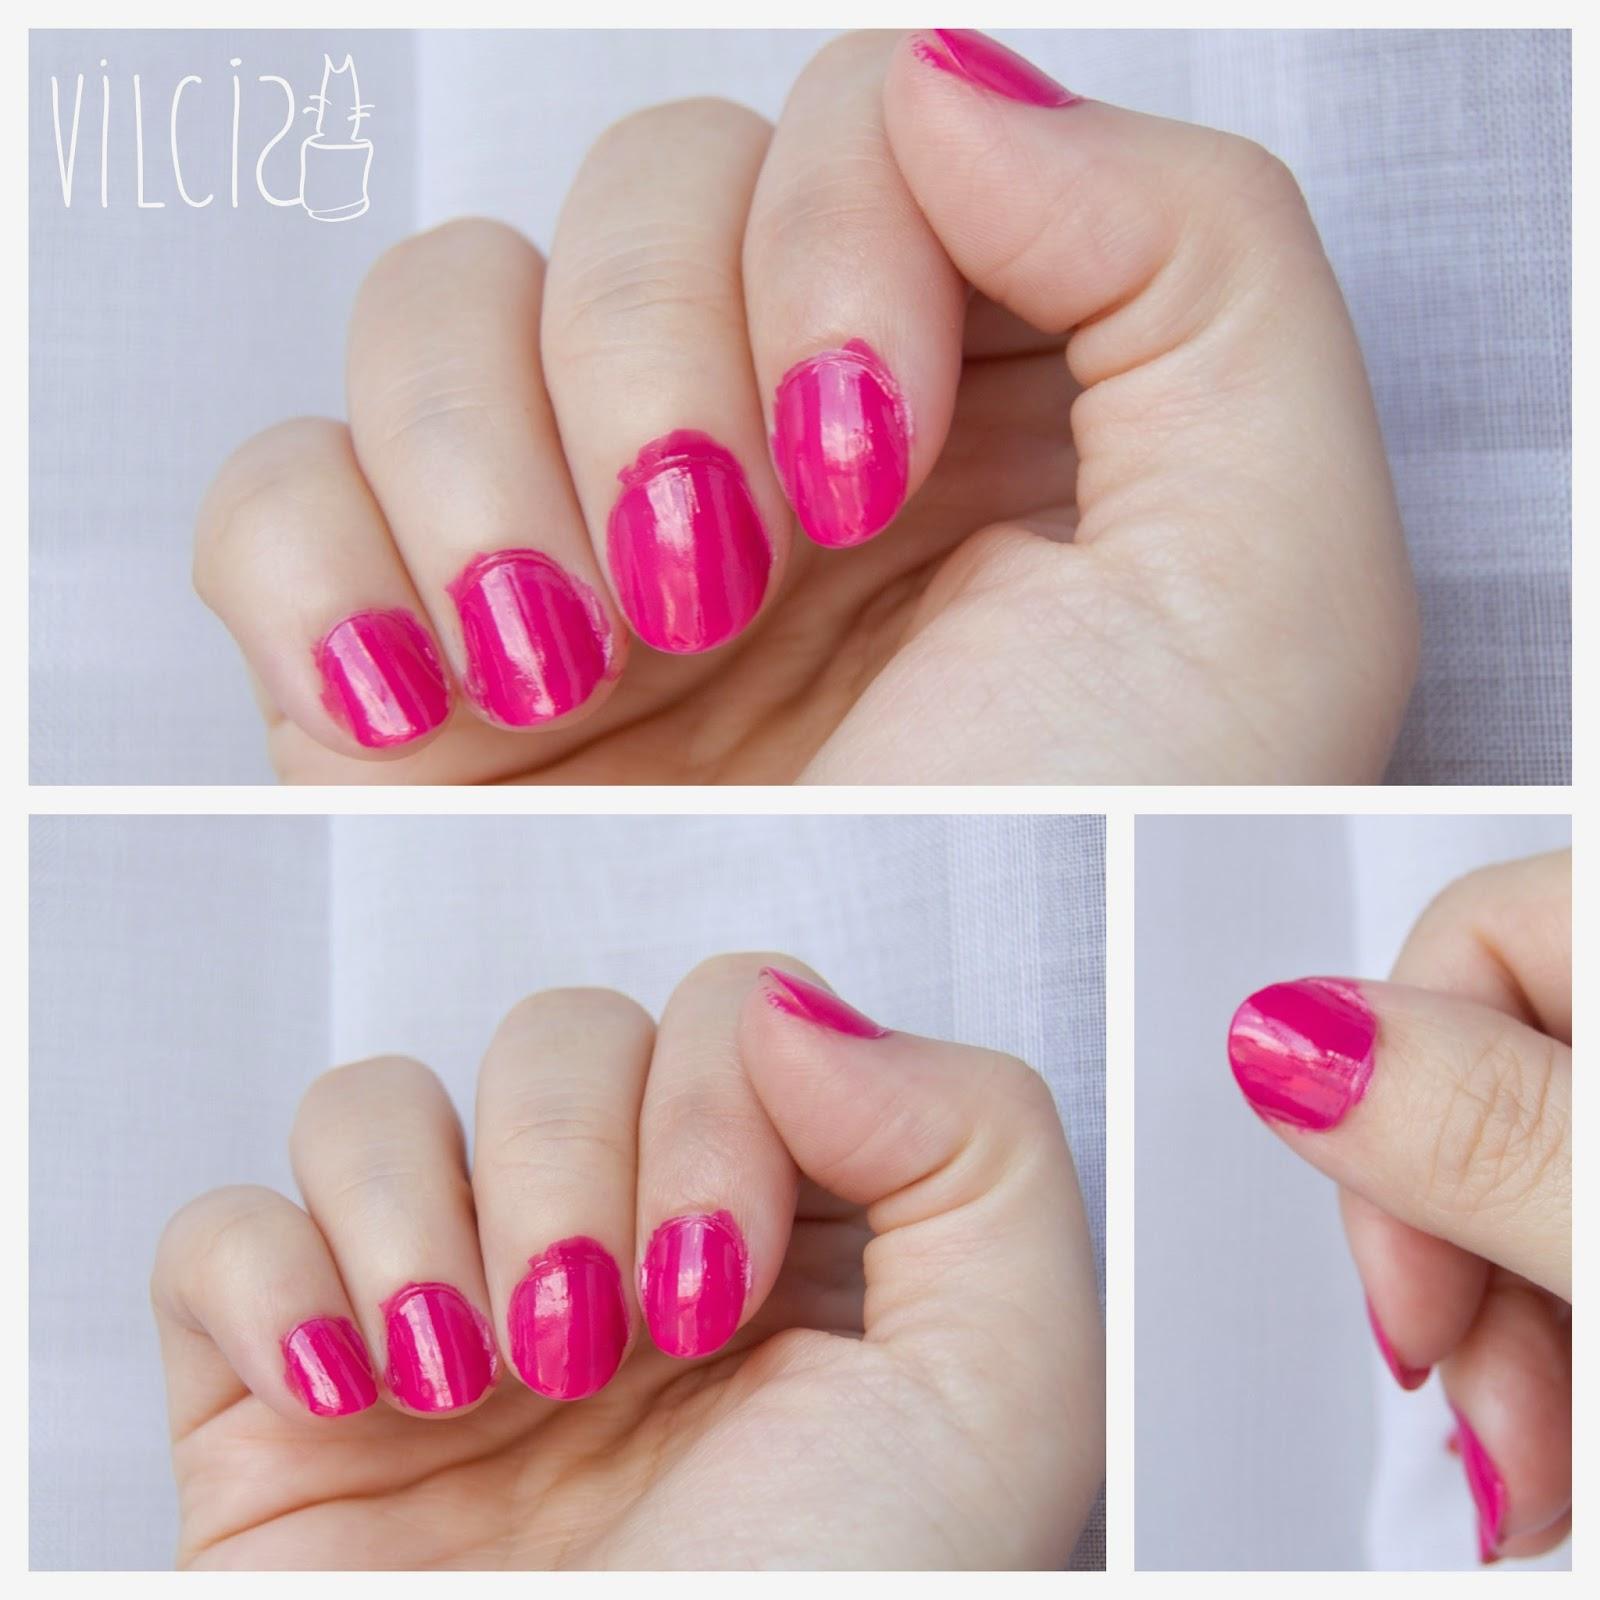 Cómo pintarse las uñas (manicura limpia) trucos vilcis